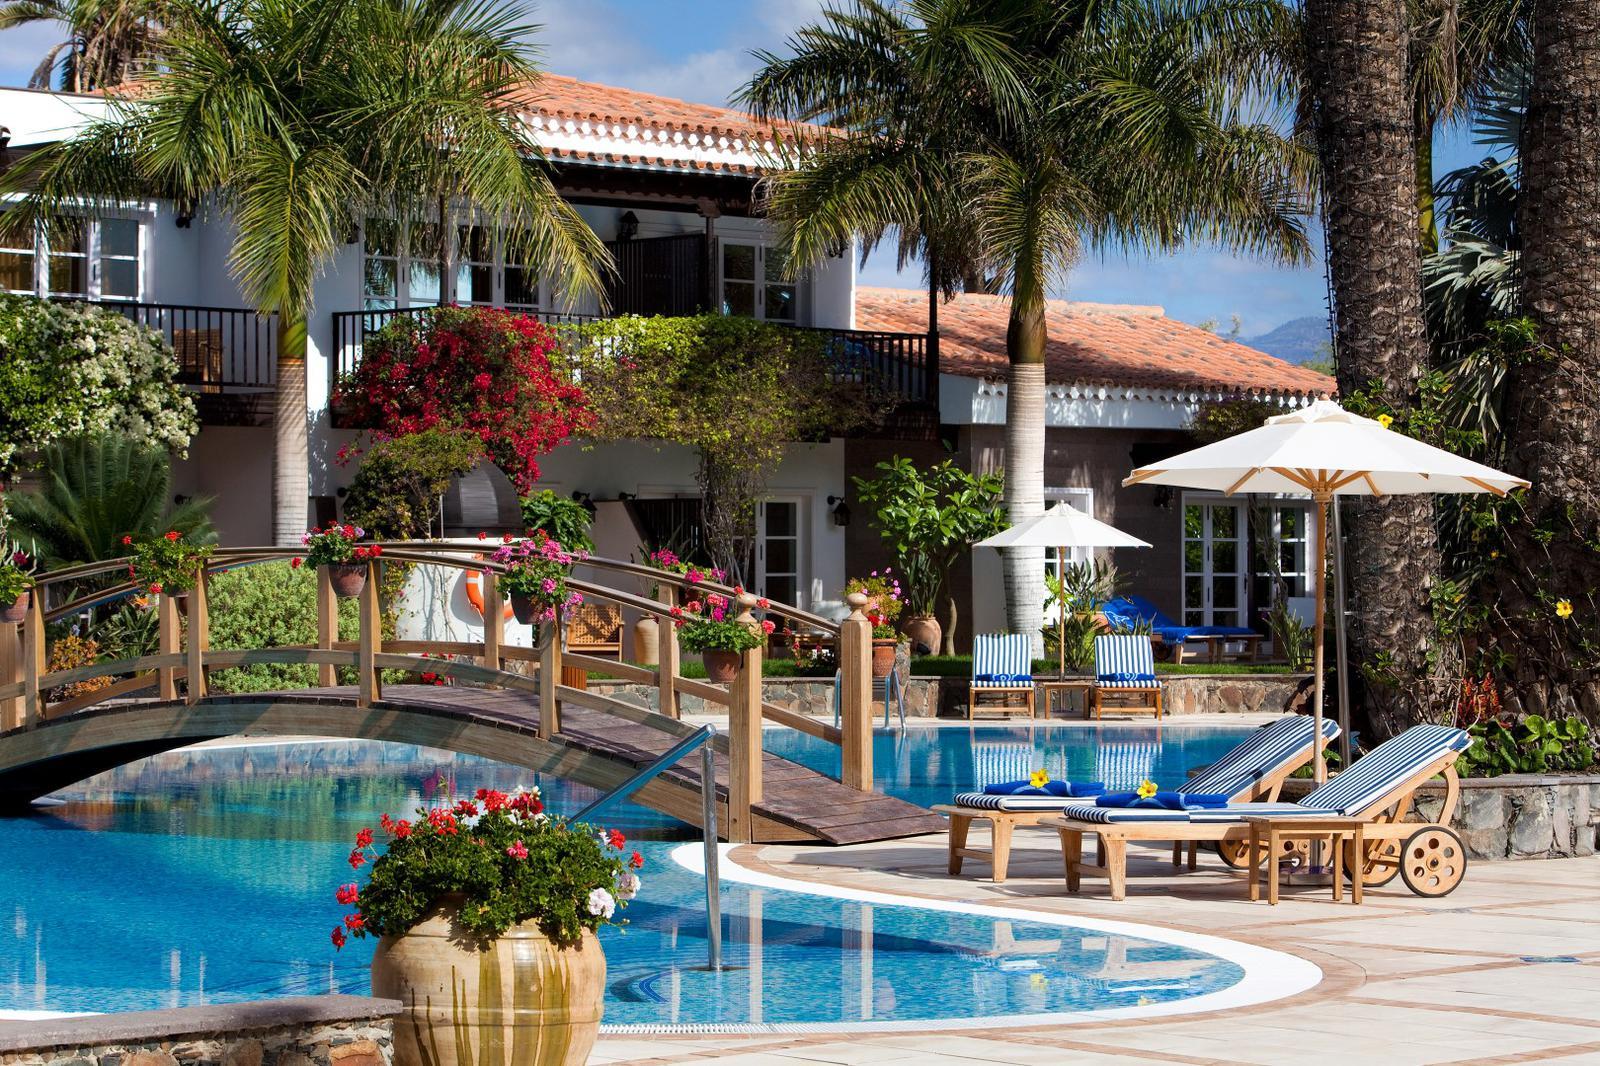 Los 10 mejores hoteles de playa en espa a en 2015 Hotel lujo sierra madrid